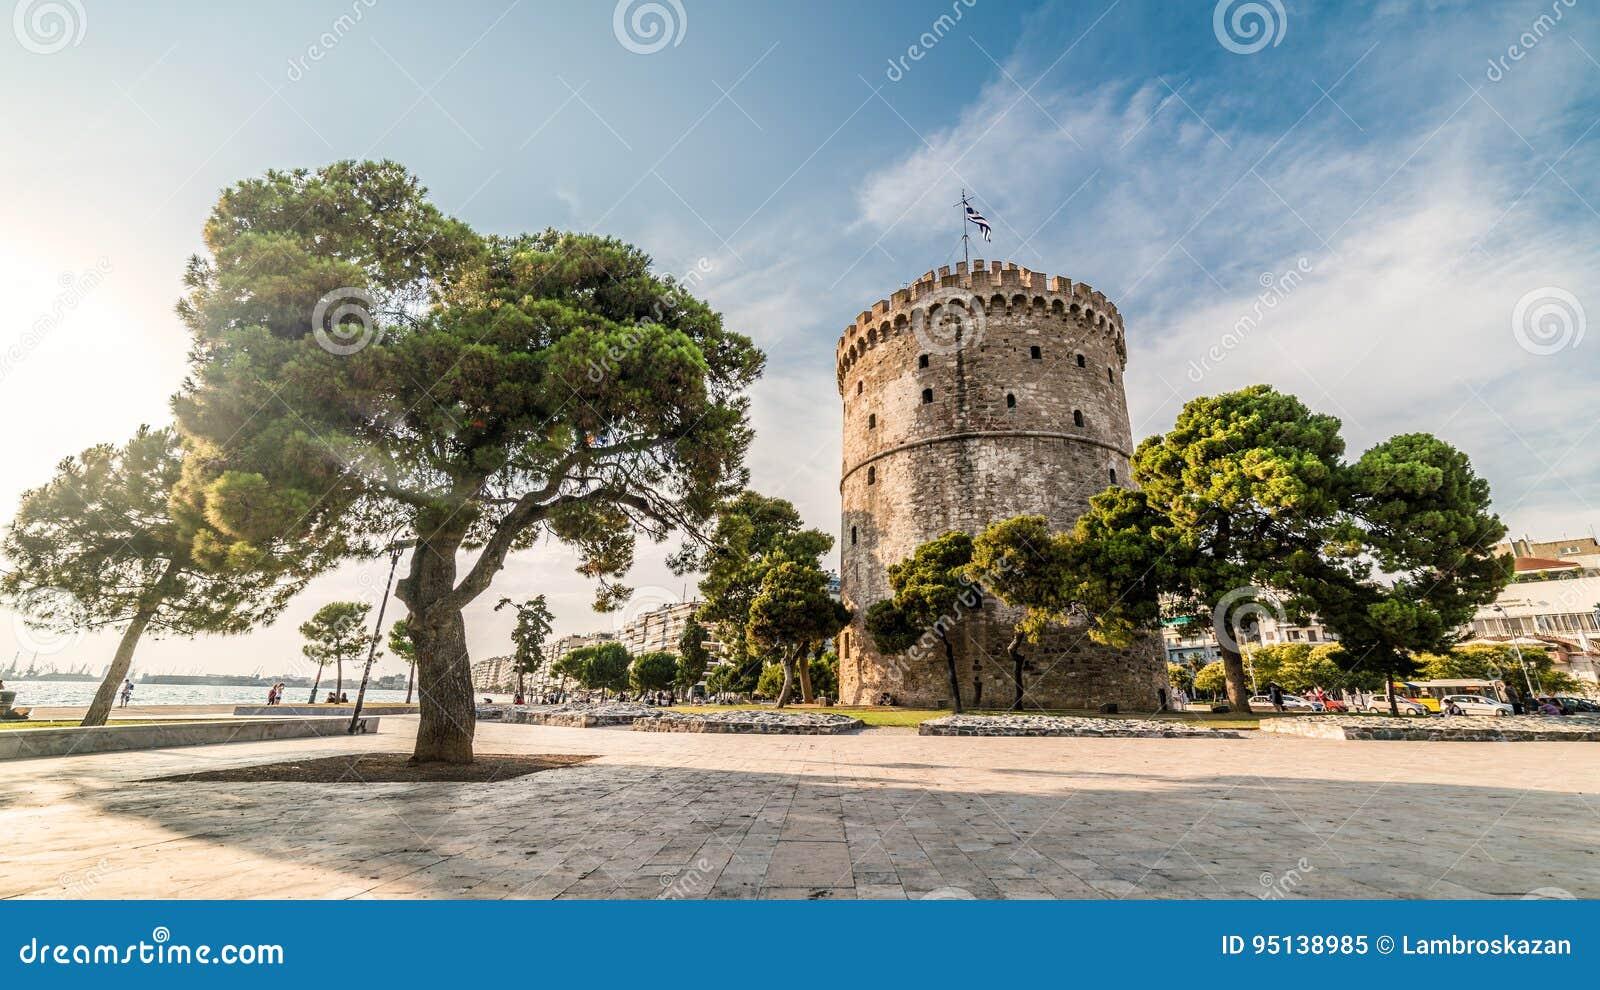 Torre blanca de Salónica, capturada con la lente de fisheye